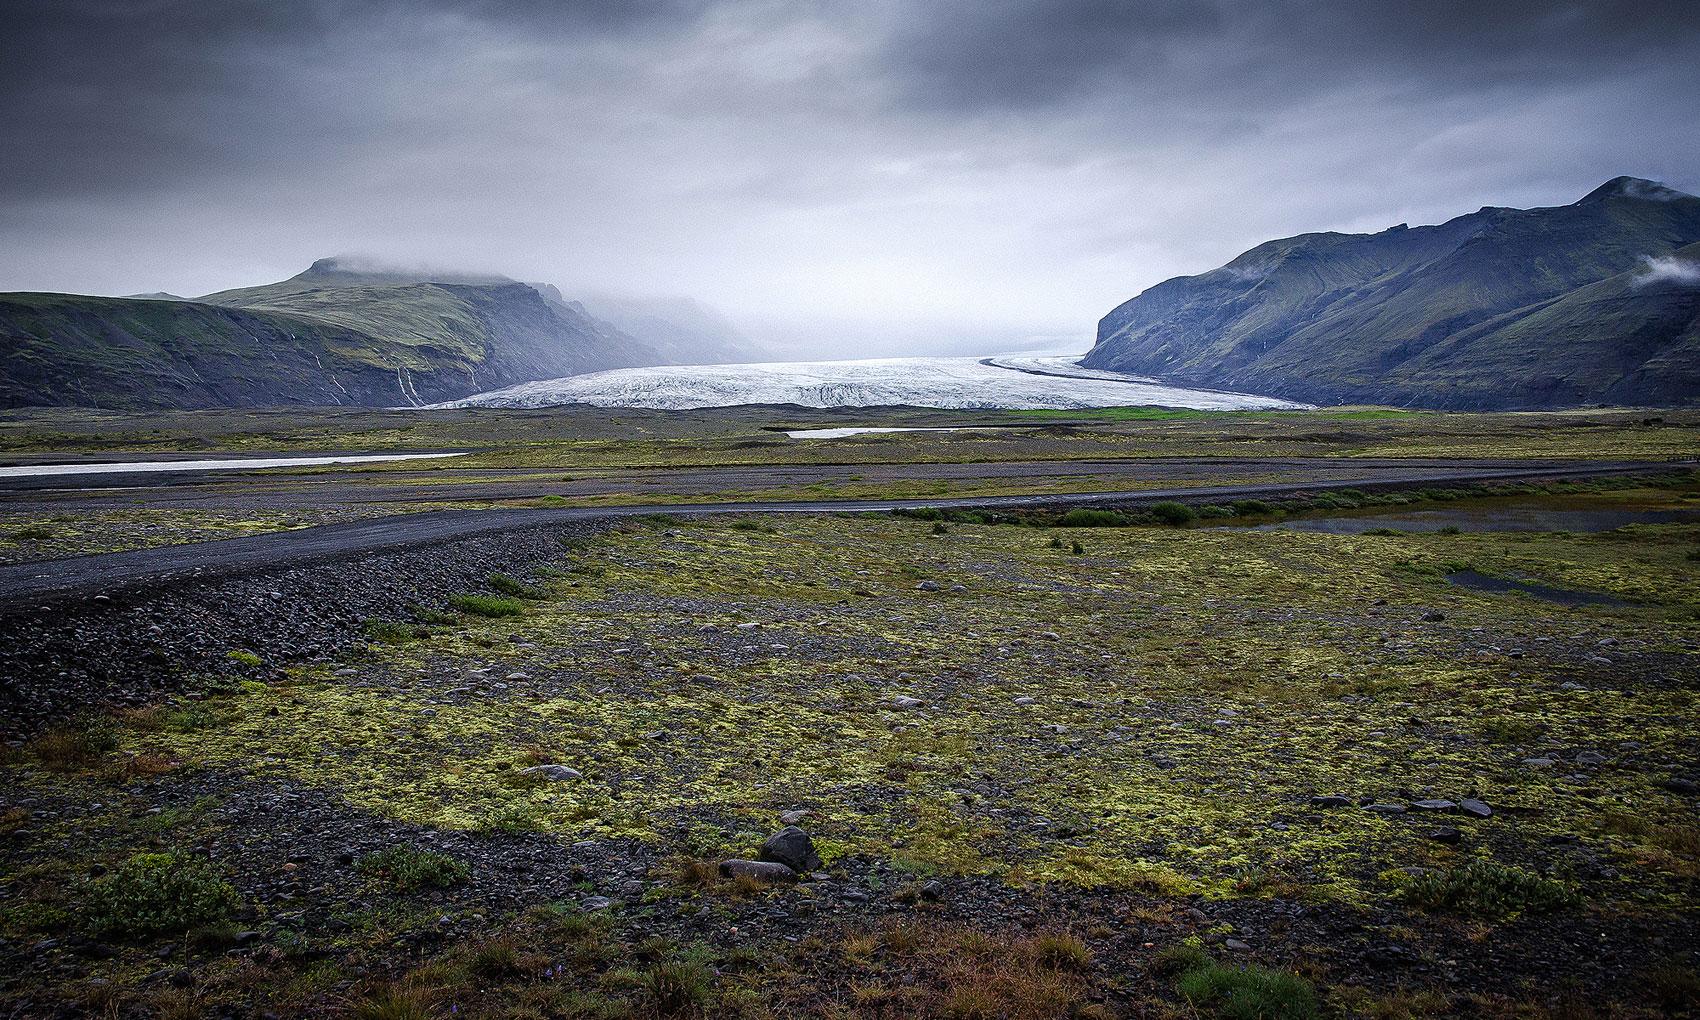 voyage-a-velo-en-islande-12